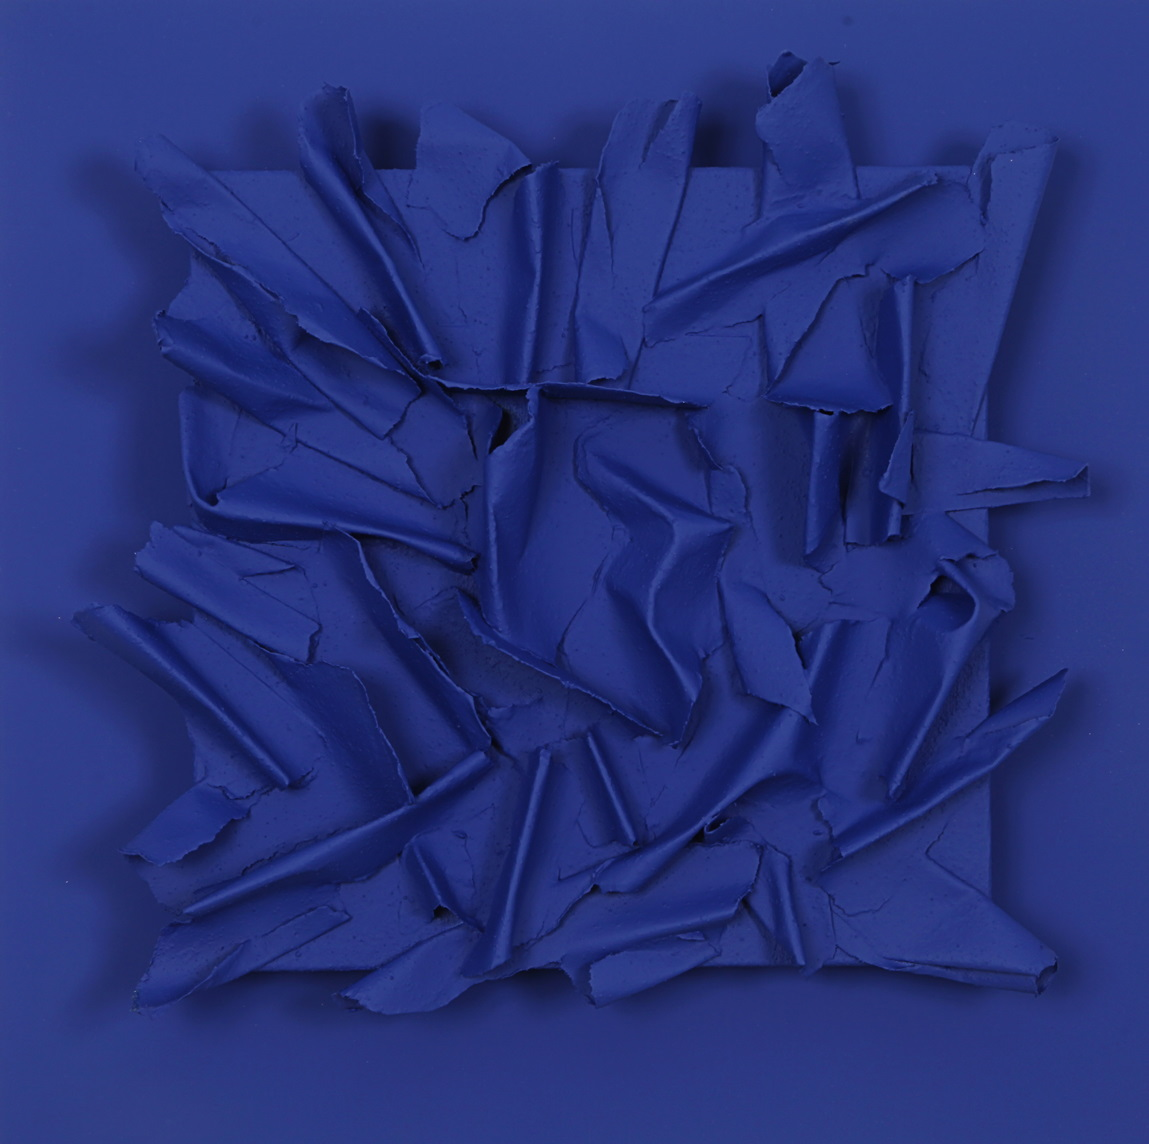 E.C. XII 3 2020 - multimaterico su tavola - cm45x45